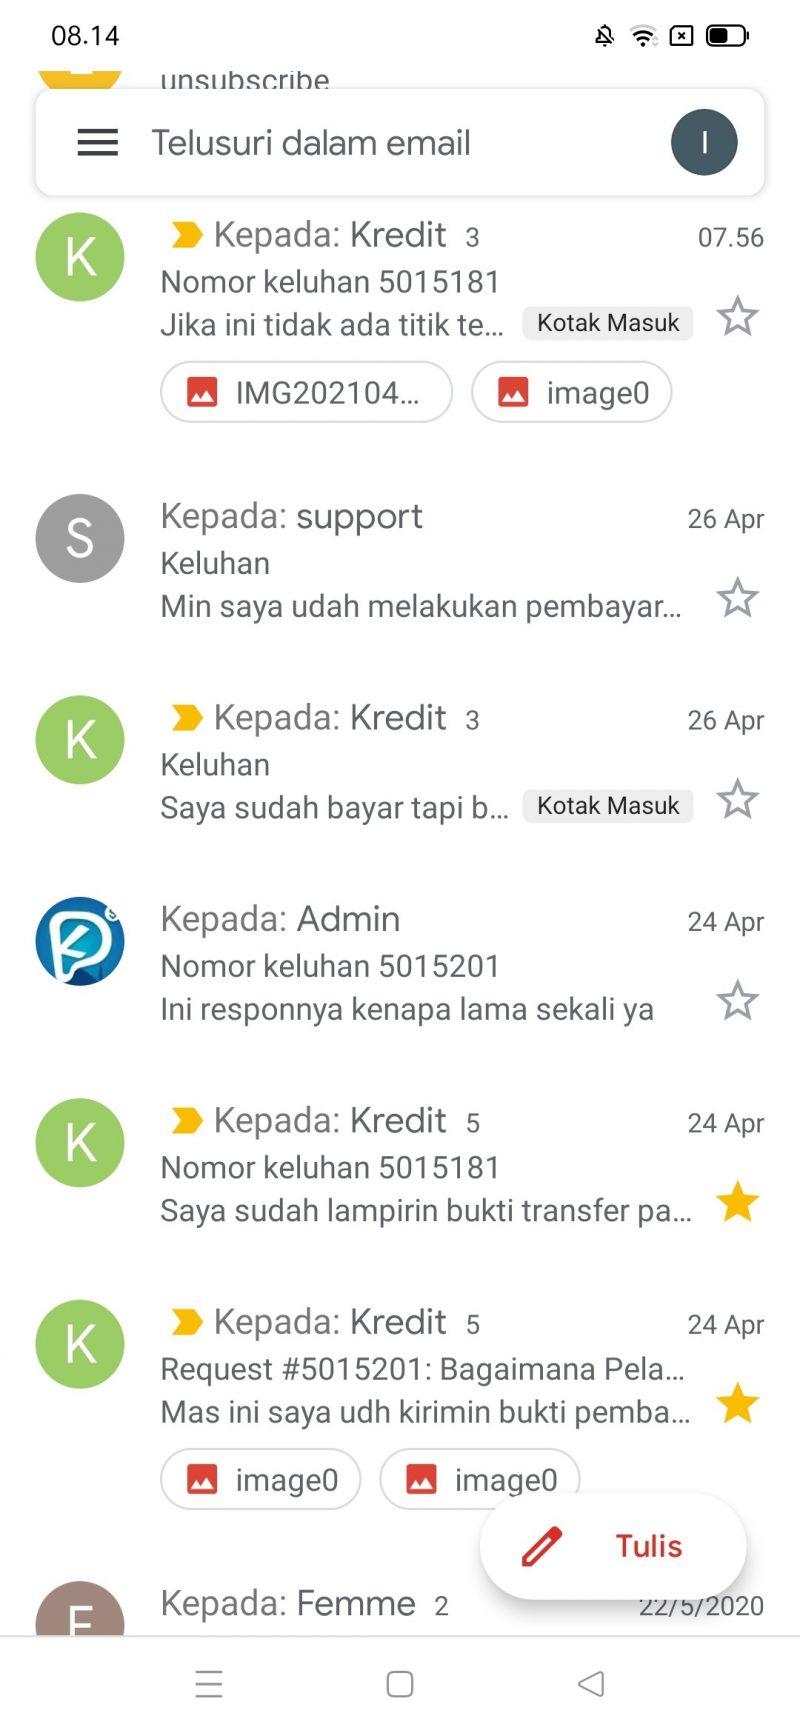 Ini adalah bukti screenshootan saya membalas email kredit pintar.